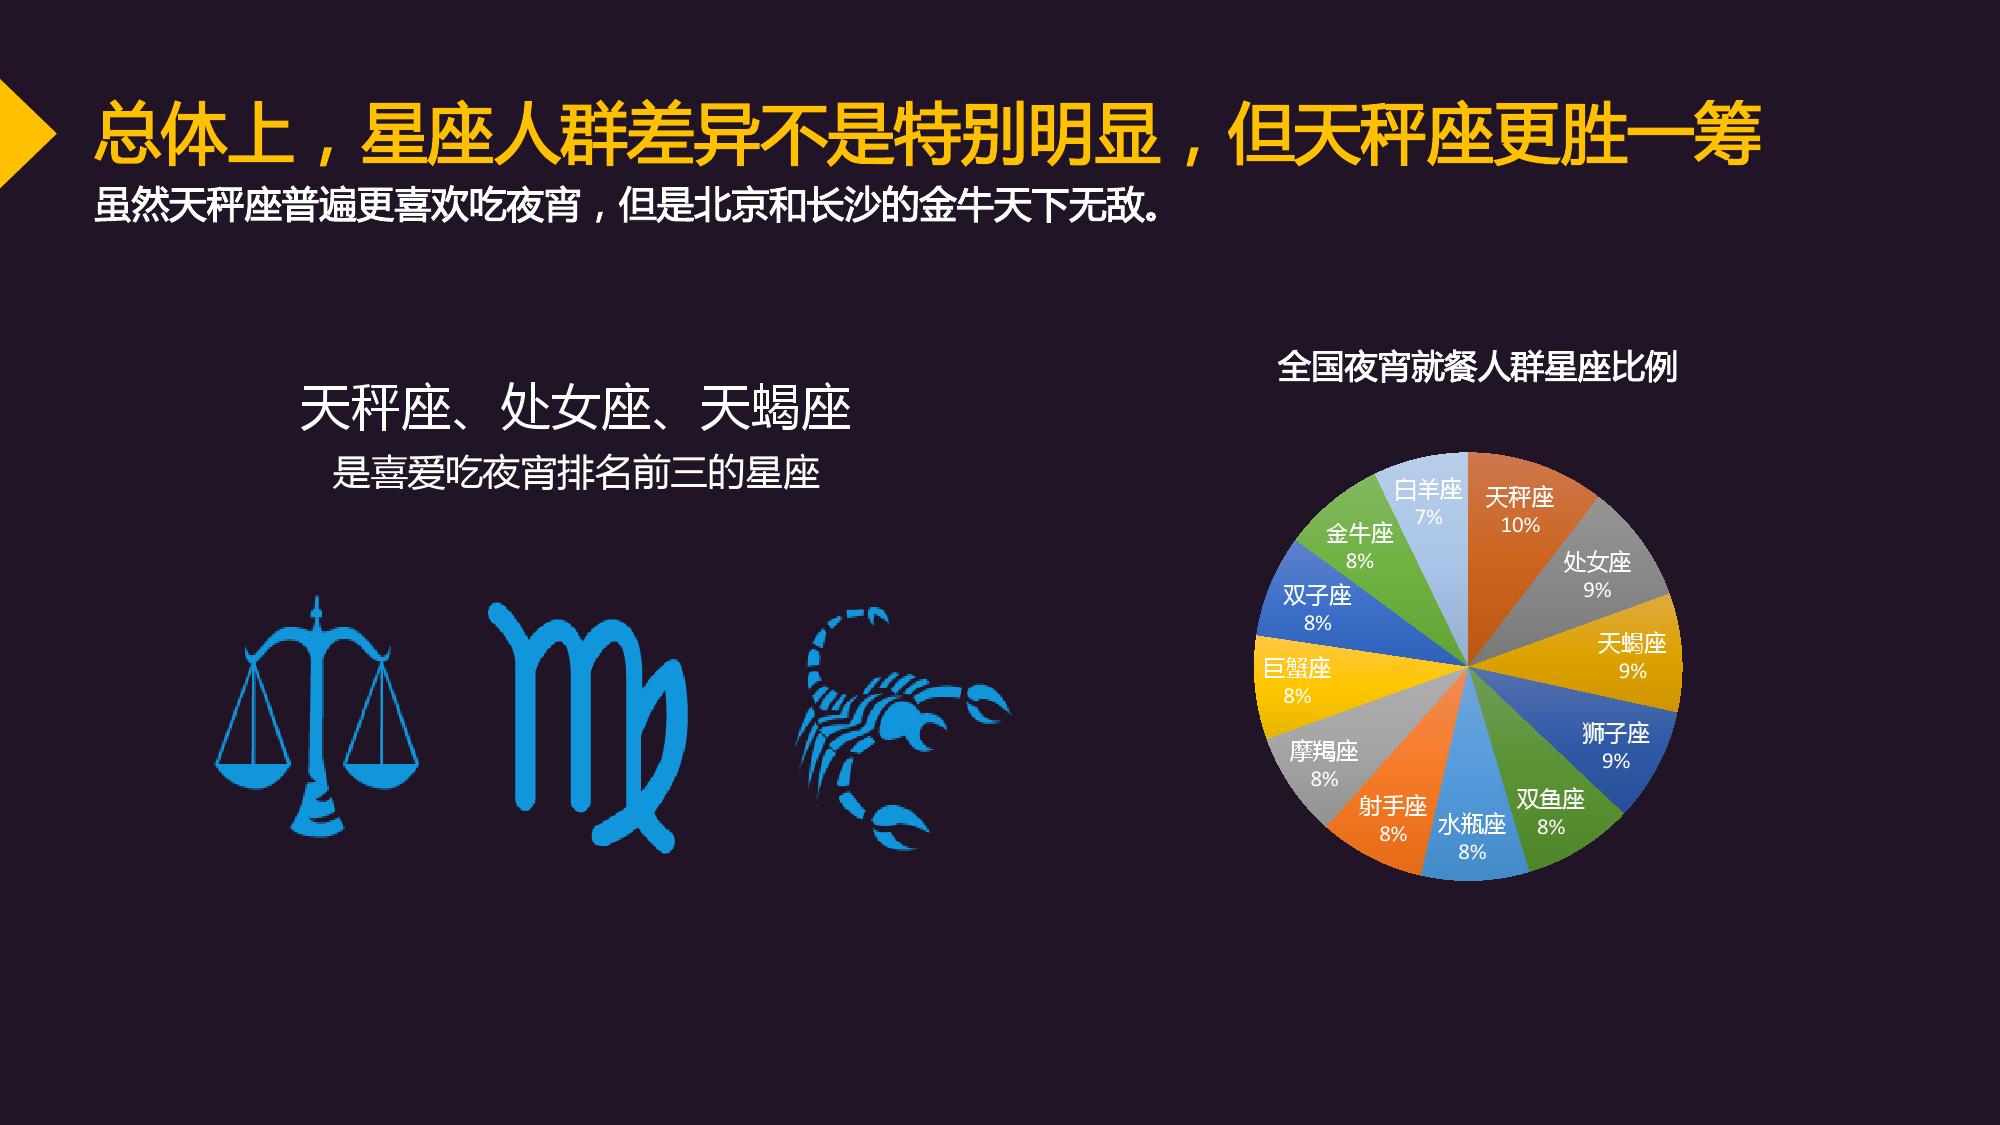 2017中国城市夜宵消费趋势大数据报告-09大数据